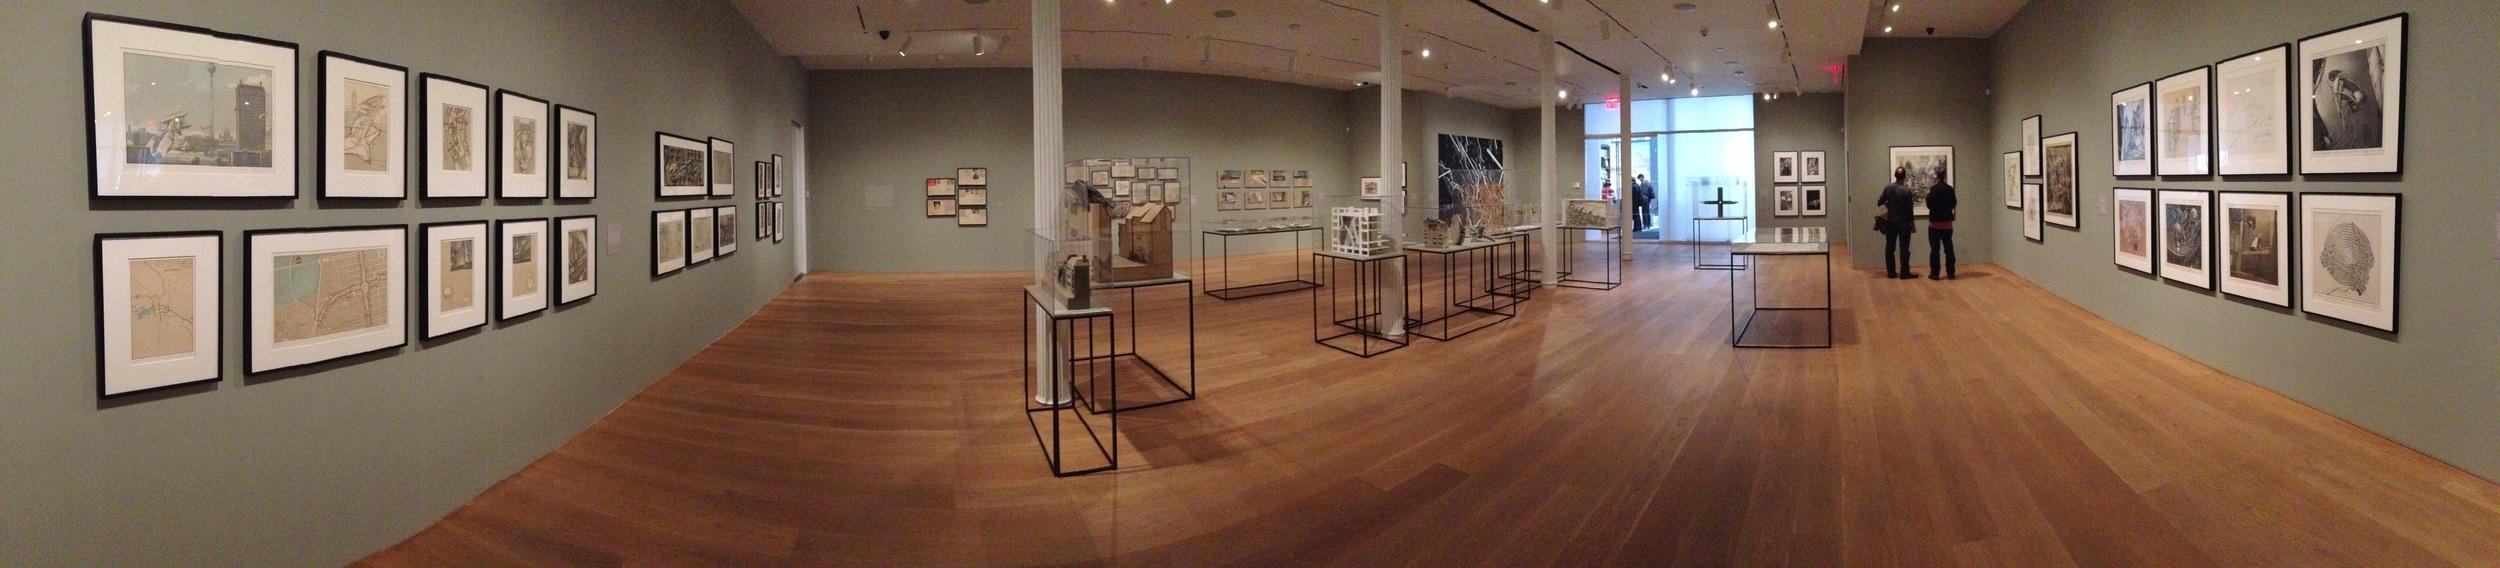 Exhibition Image, Lebbeus Woods, Architect, The Drawing Center, New York Photo Credit: Cincala Art Advisory